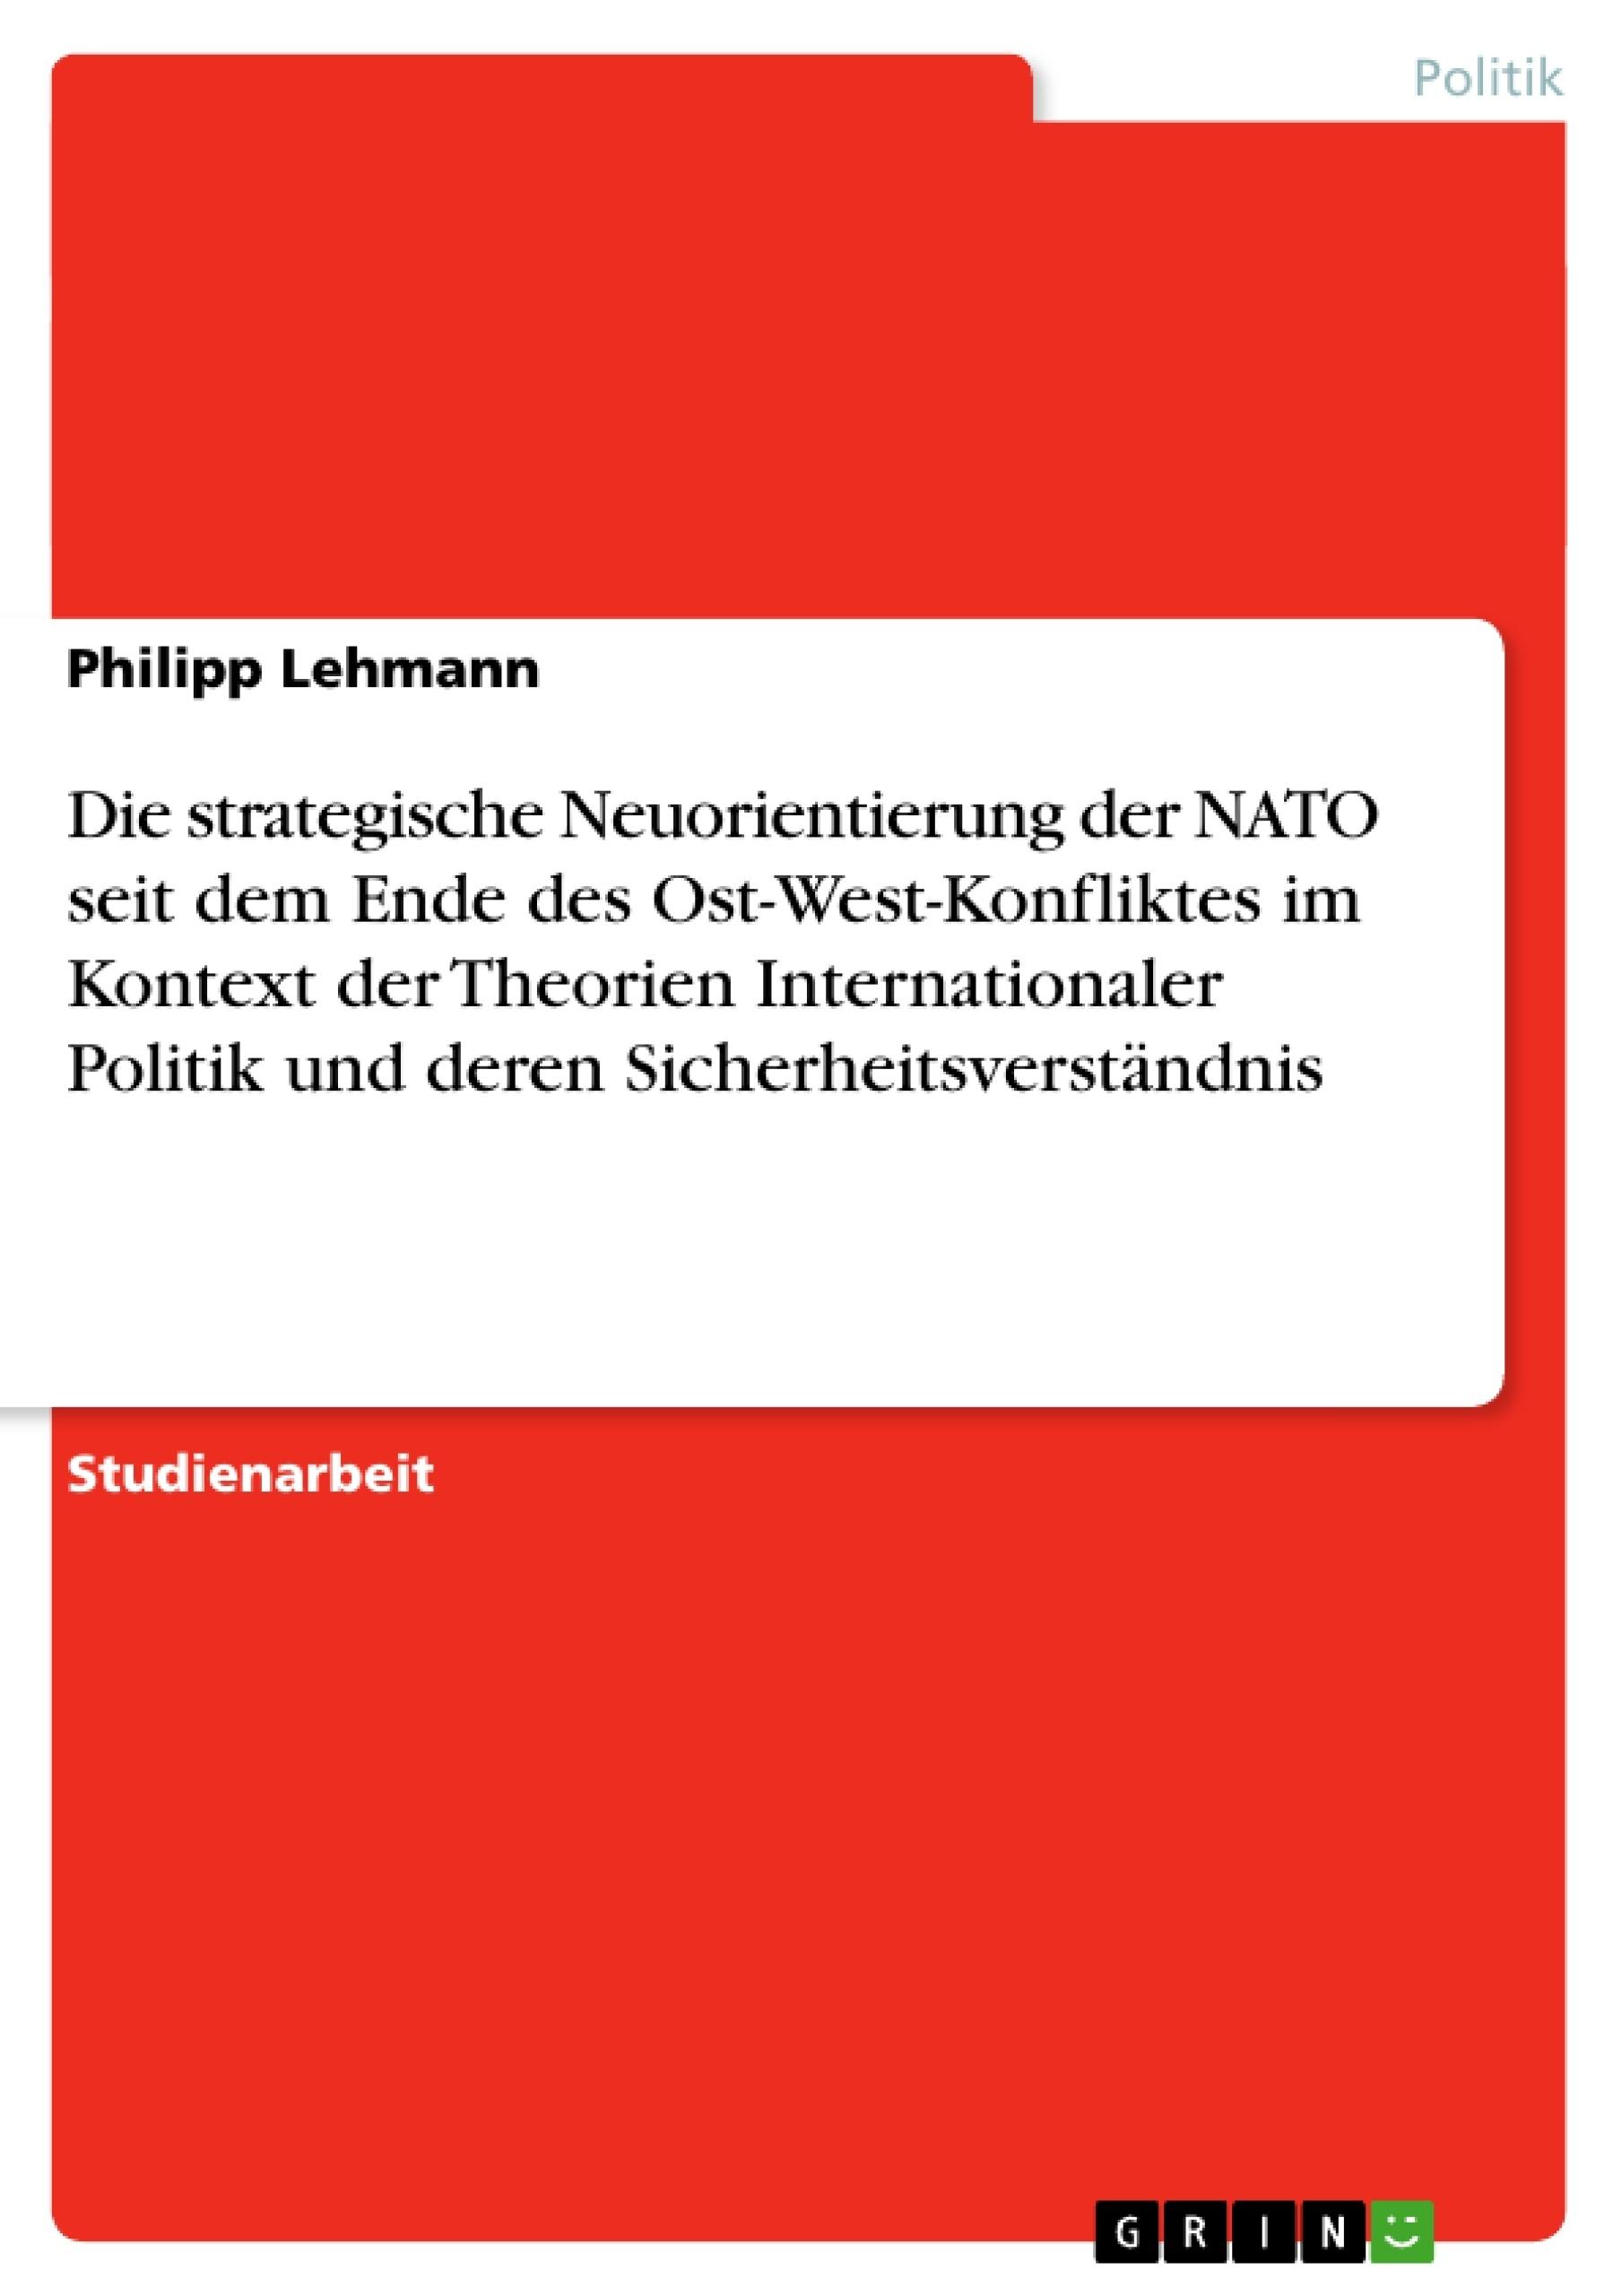 Titel: Die strategische Neuorientierung der NATO seit dem Ende des Ost-West-Konfliktes im Kontext der Theorien Internationaler Politik und deren Sicherheitsverständnis